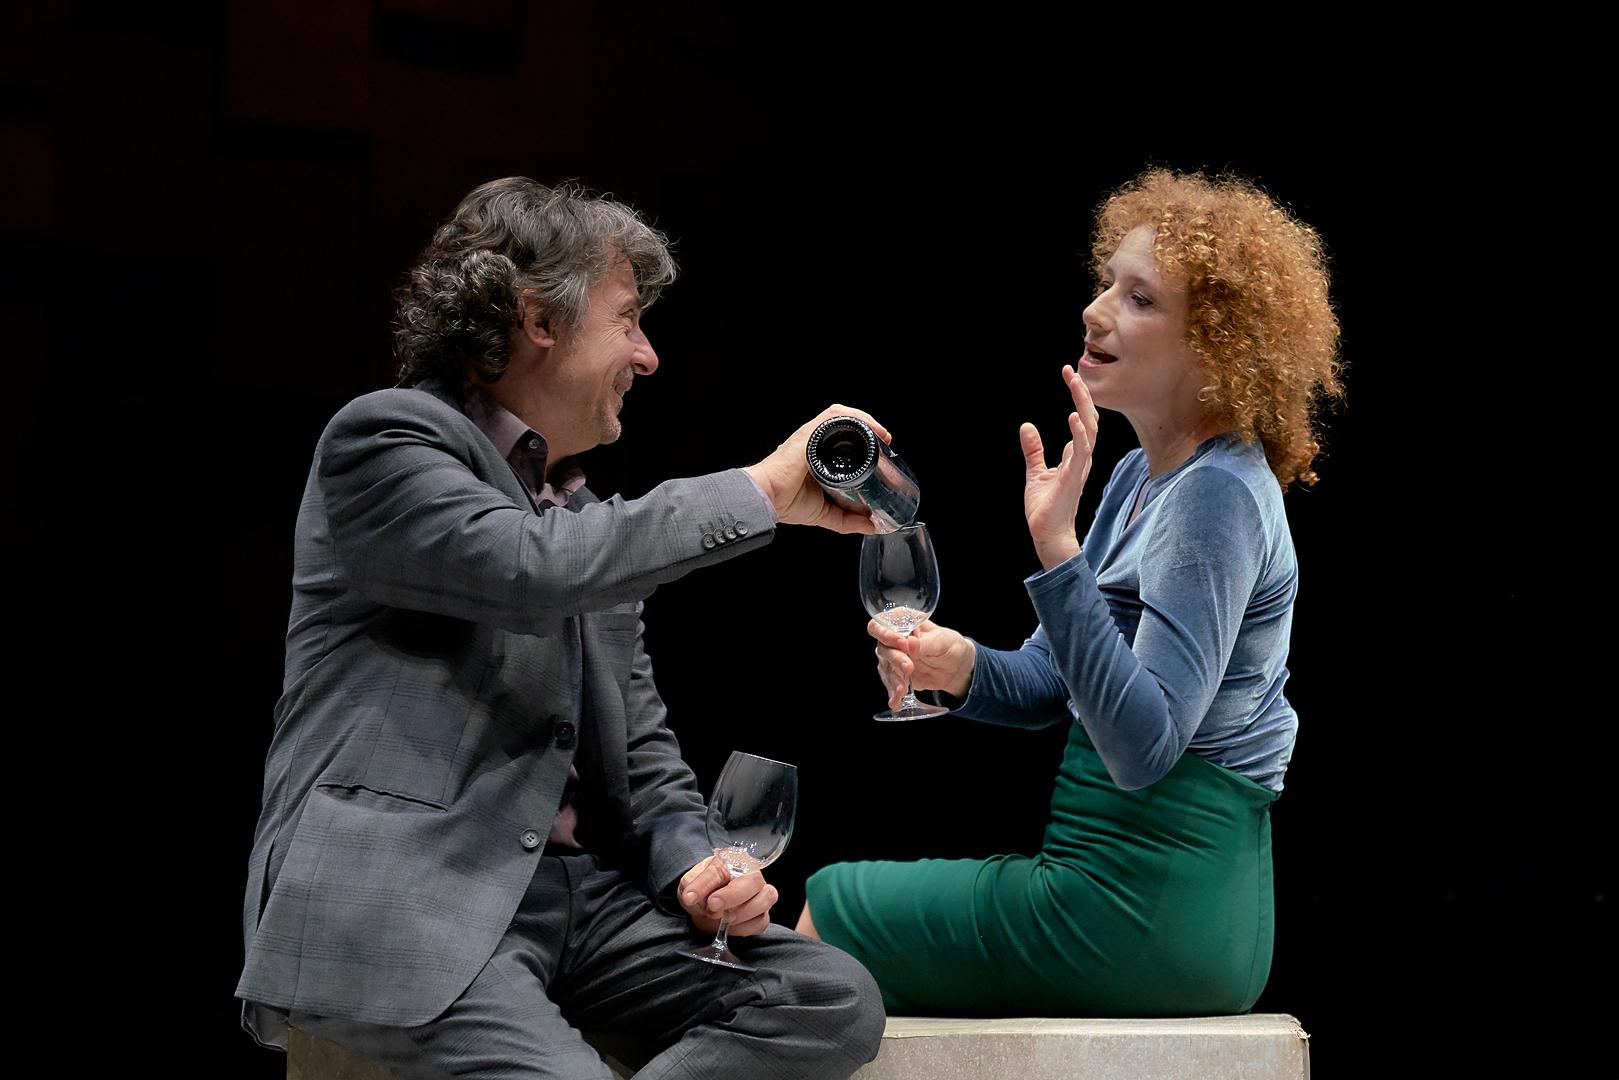 Pere Ponce y Clara Sanchís. Foto: MarcosGpunto